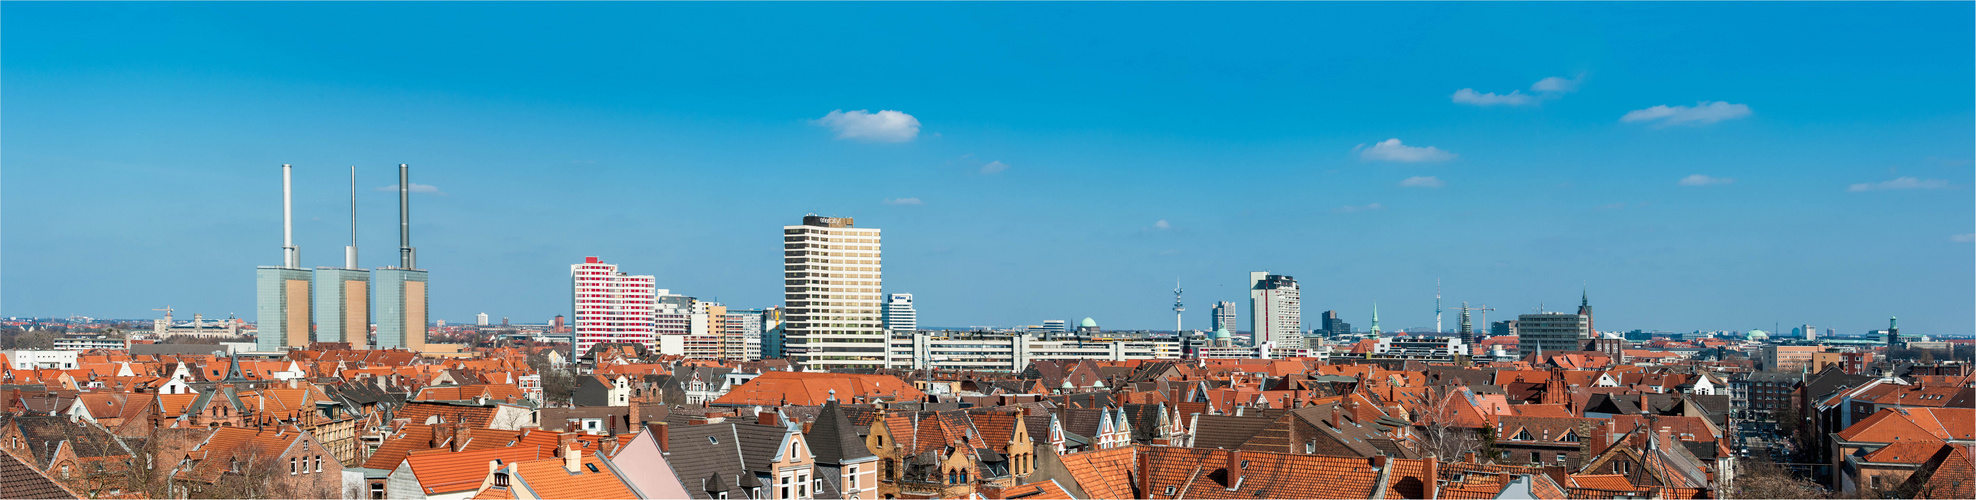 Skyline Hannover Linden von der Martinskirche